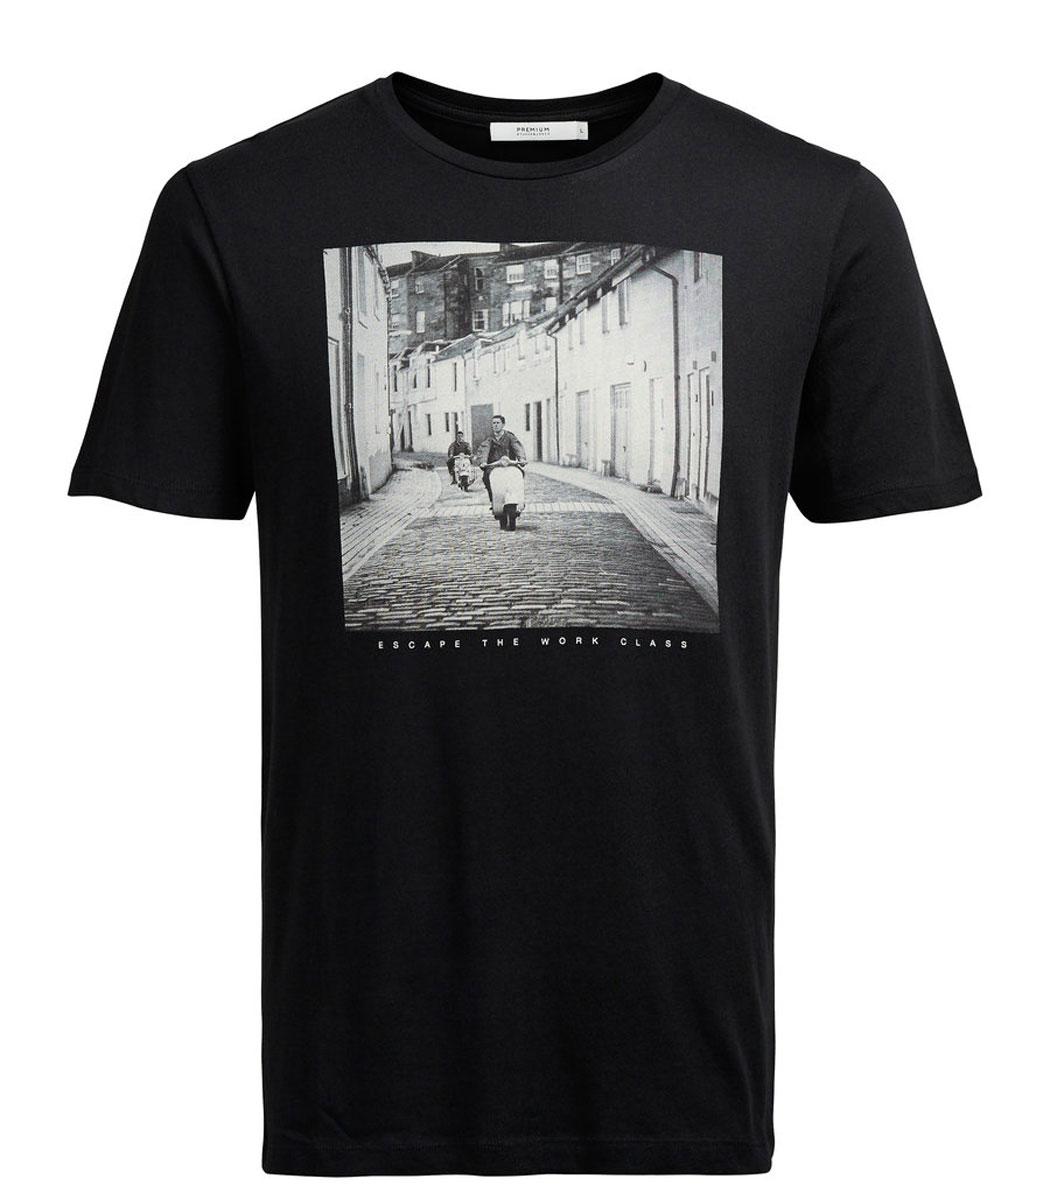 12109962_BlackМужская футболка Jack & Jones с короткими рукавами и круглым вырезом горловины выполнена из натурального хлопка. Футболка украшена крупным принтом с изображением черно-белой фотографии и надписи Escape The Work Class спереди.